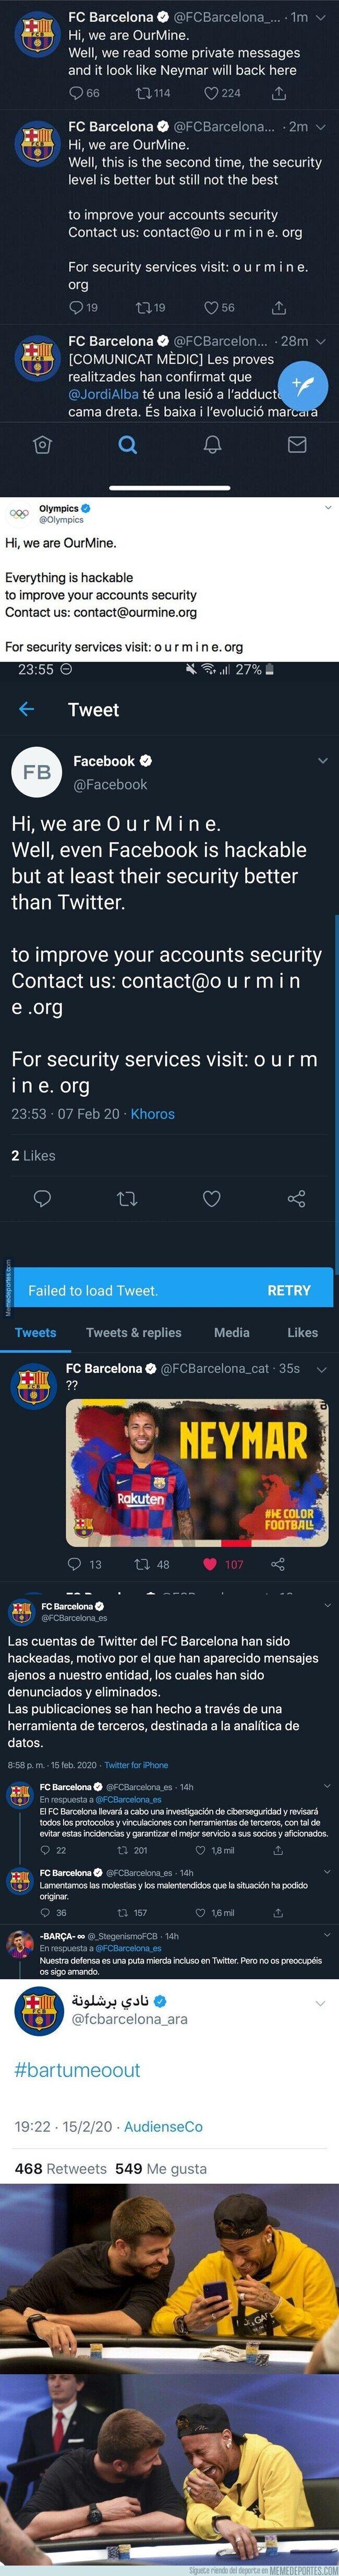 1098436 - Lío máximo en el Barça: hackean sus cuentas del Barça y publican todos estos mensajes sobre Neymar y Bartomeu